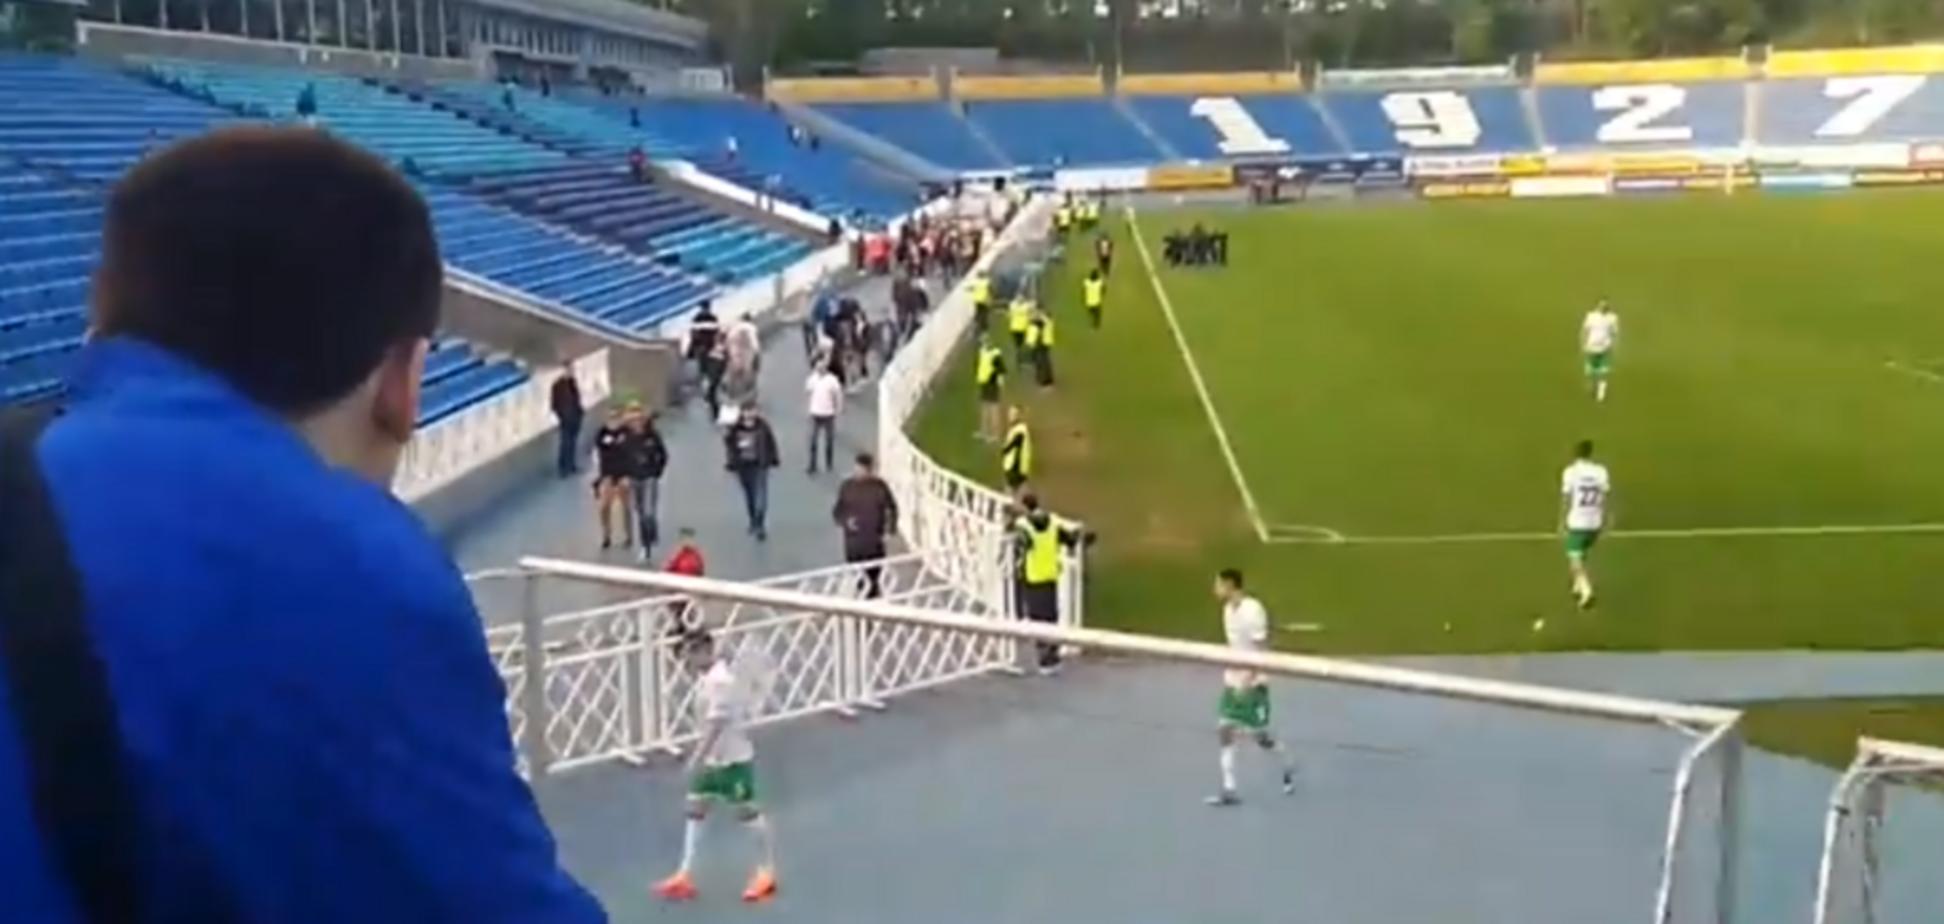 Фанаты пригрозили клубу УПЛ 'завалиться в раздевалку и дать п**ды игрокам'